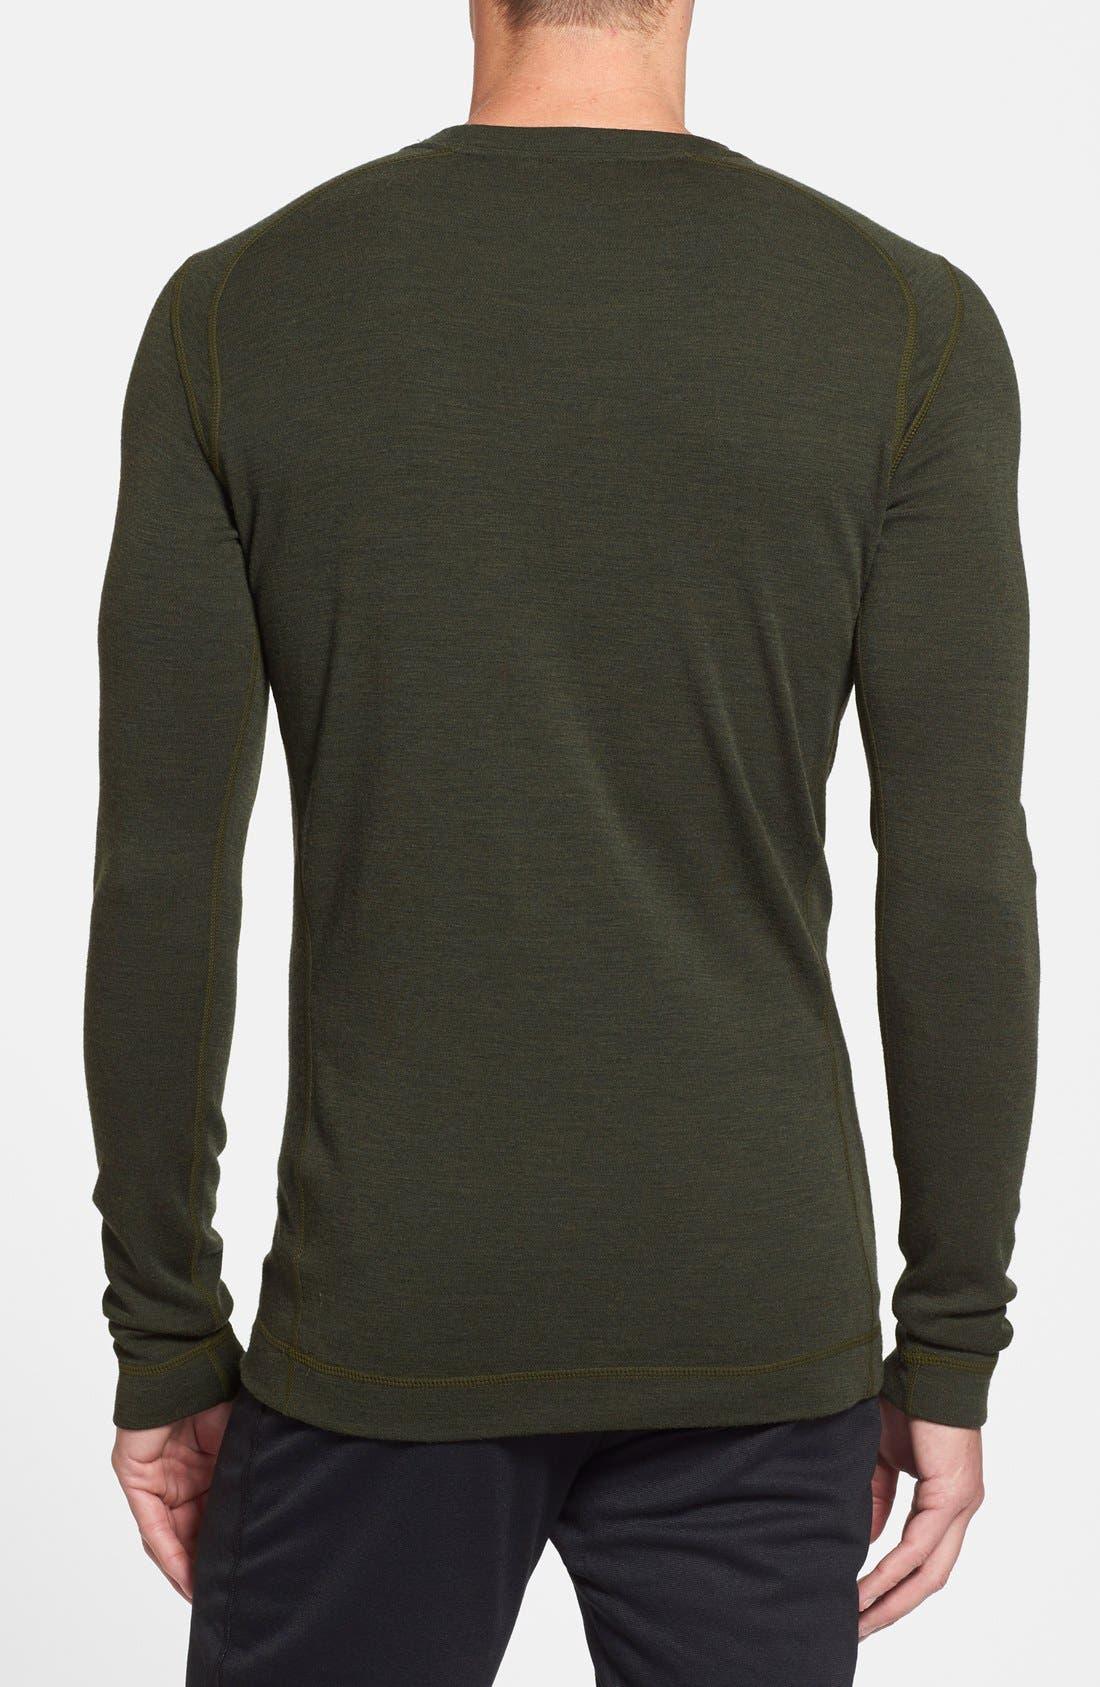 Alternate Image 2  - Smartwool 'Midweight 250' Base Layer Merino Wool Crewneck Shirt